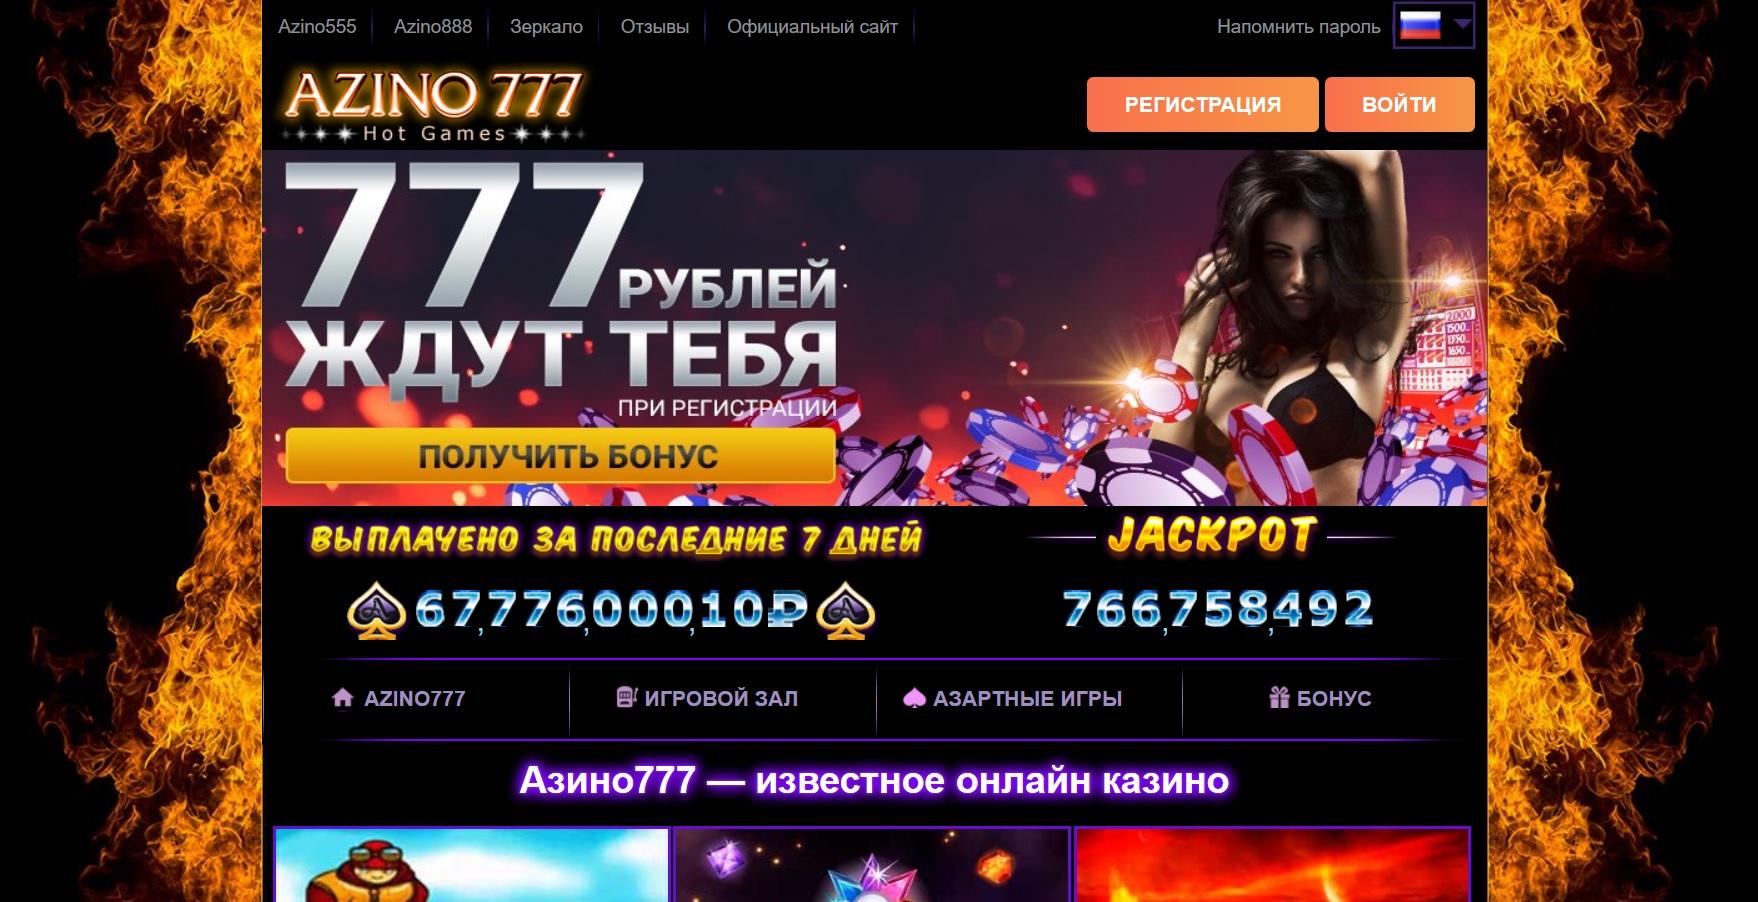 azino888 12 com